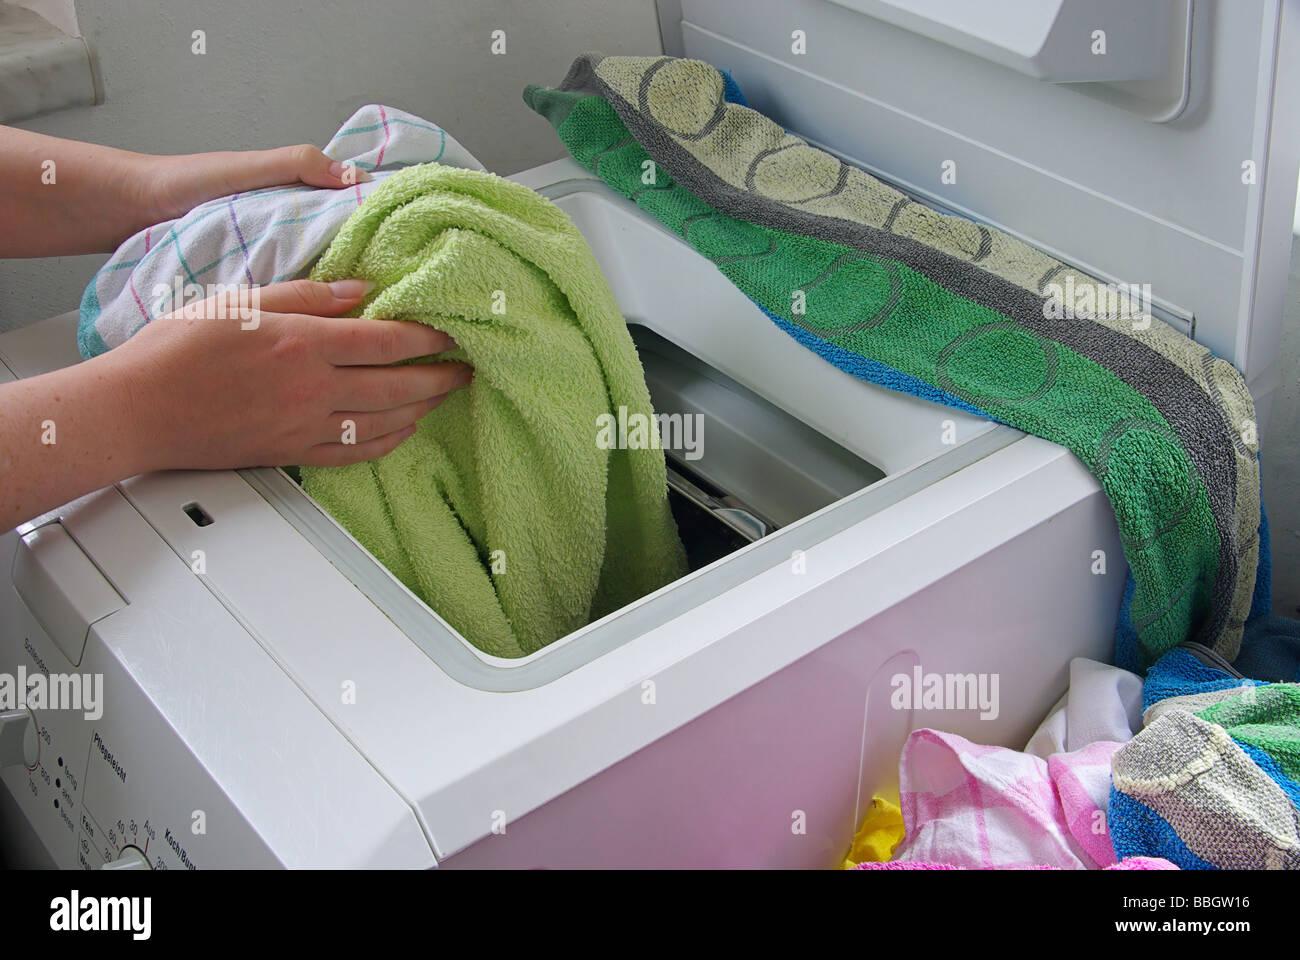 Wäsche waschen washing clothes 03 - Stock Image